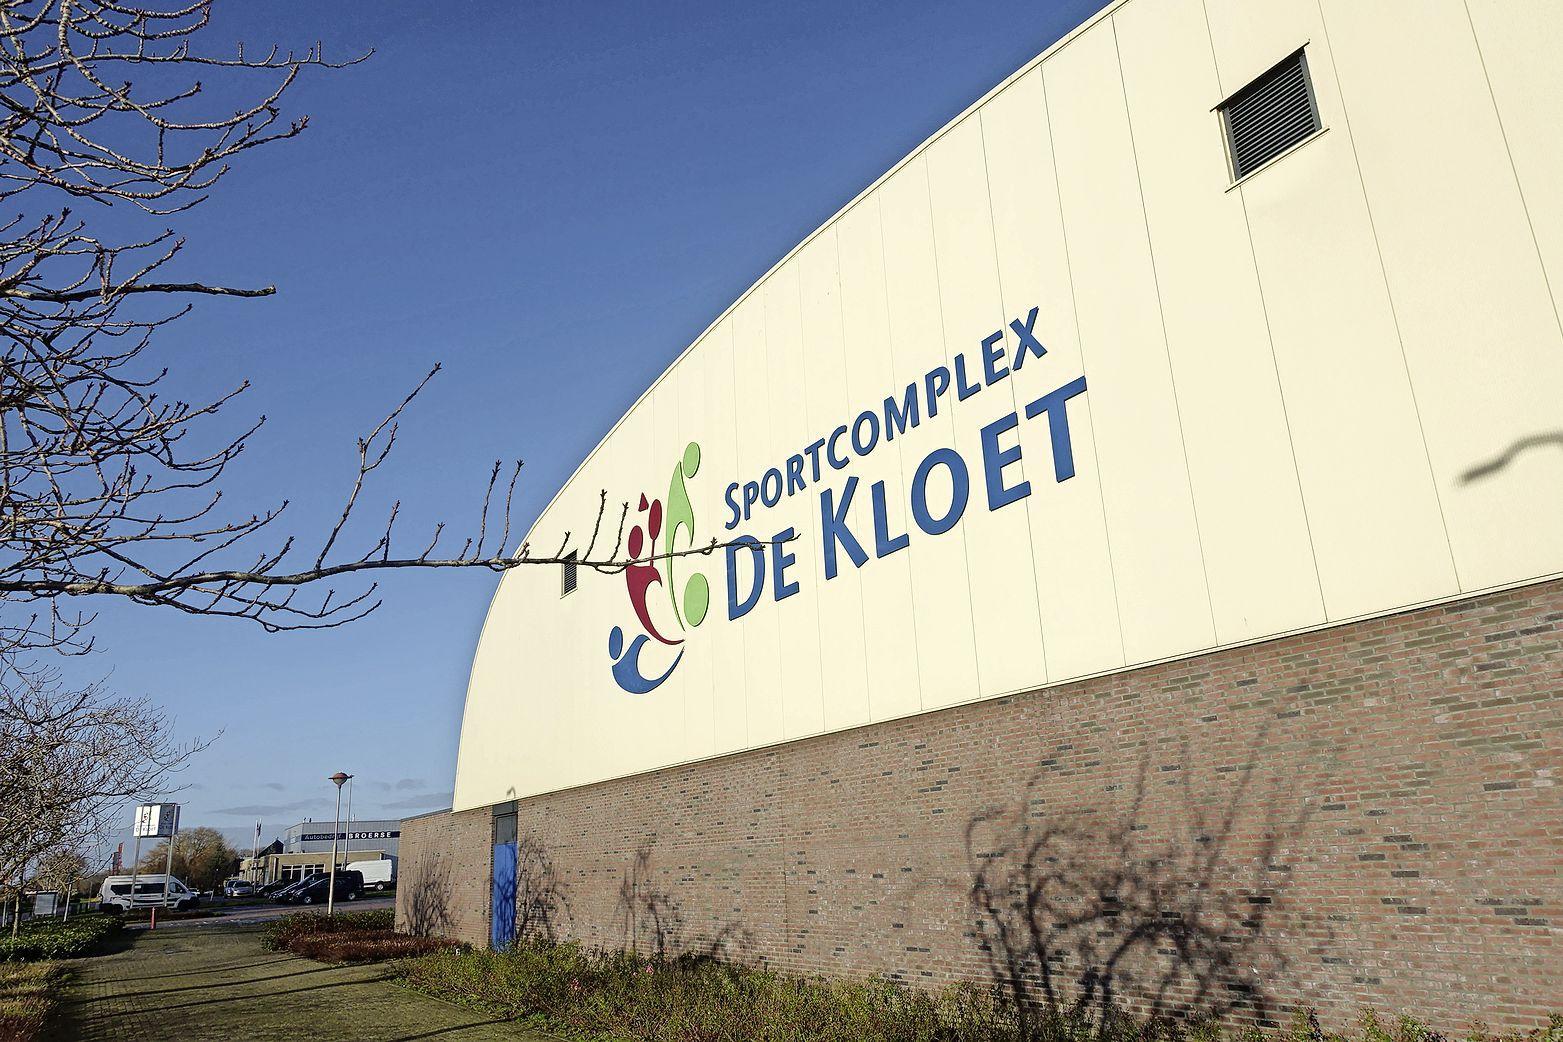 Gymdocenten worden doof in sporthal De Kloet in Grootebroek, maar gemeente onderneemt geen actie